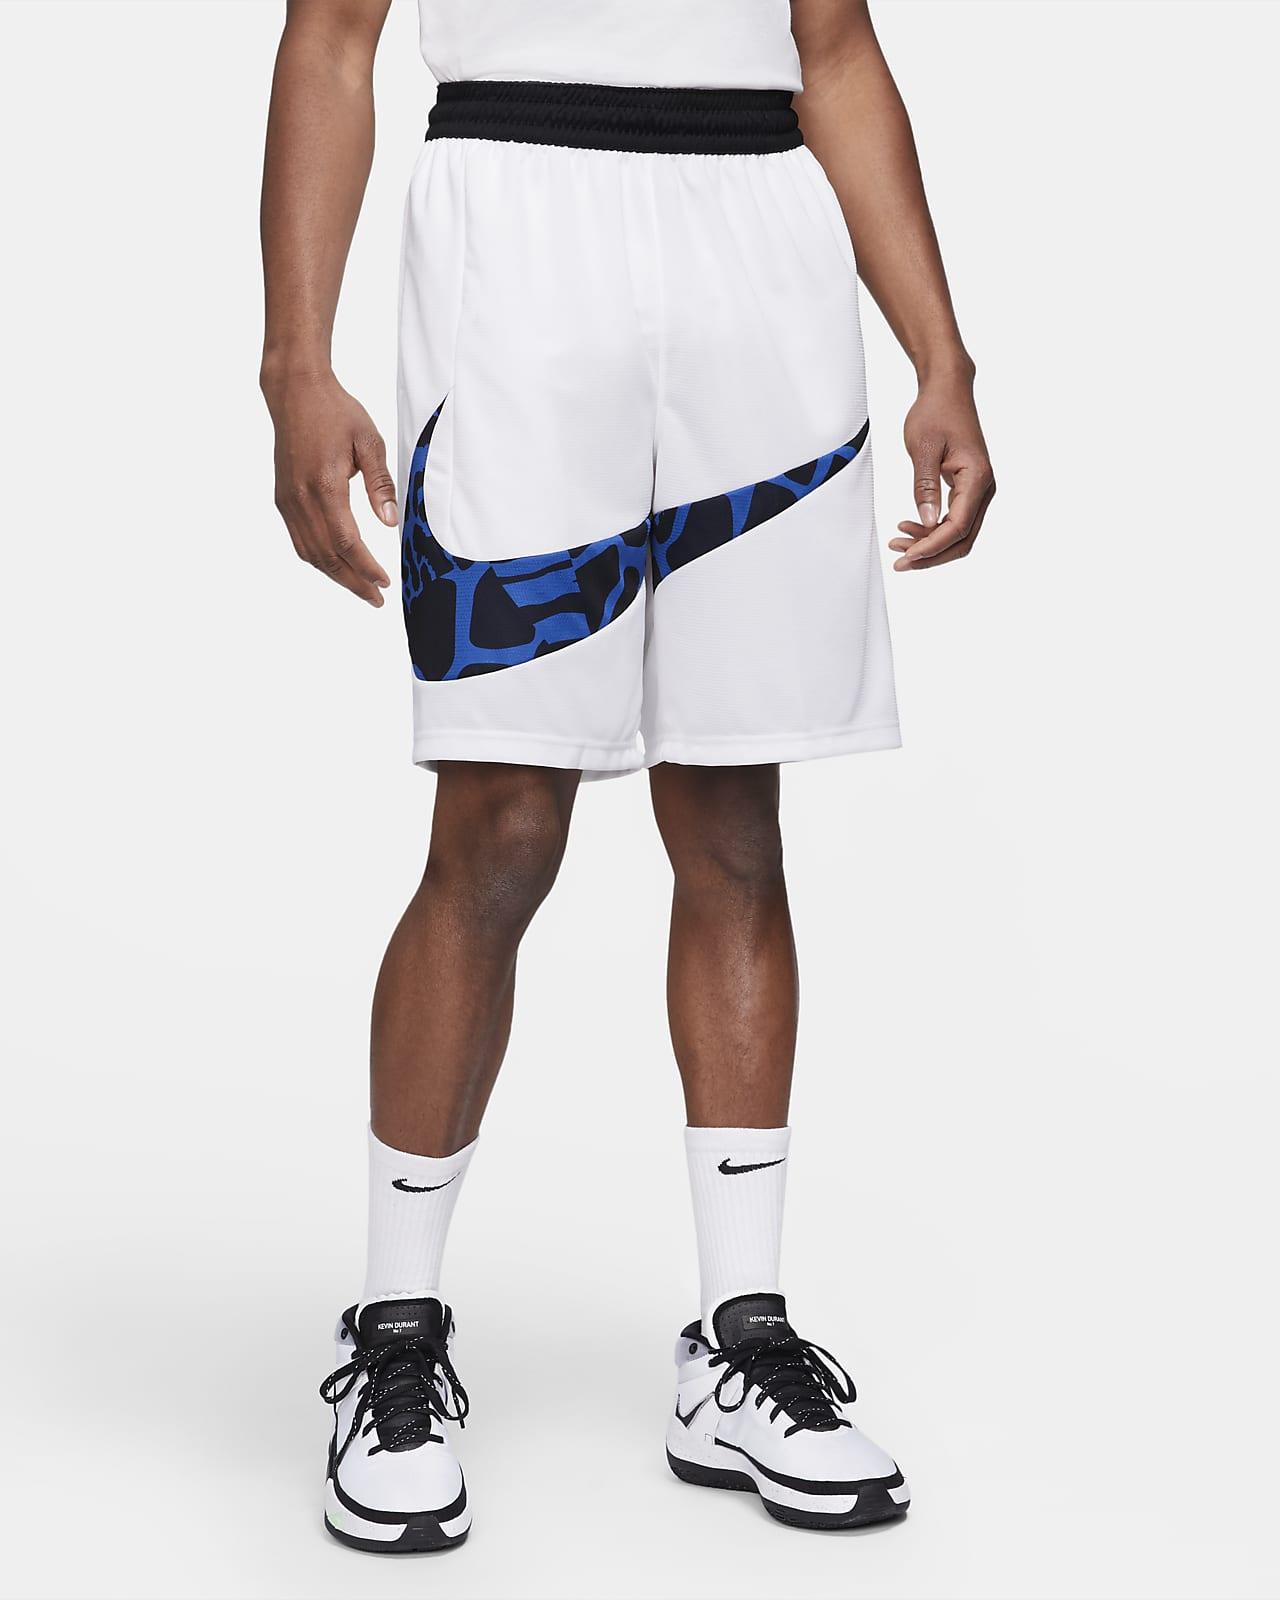 Short de basketball imprimé Nike Dri-FIT 2.0 pour Homme